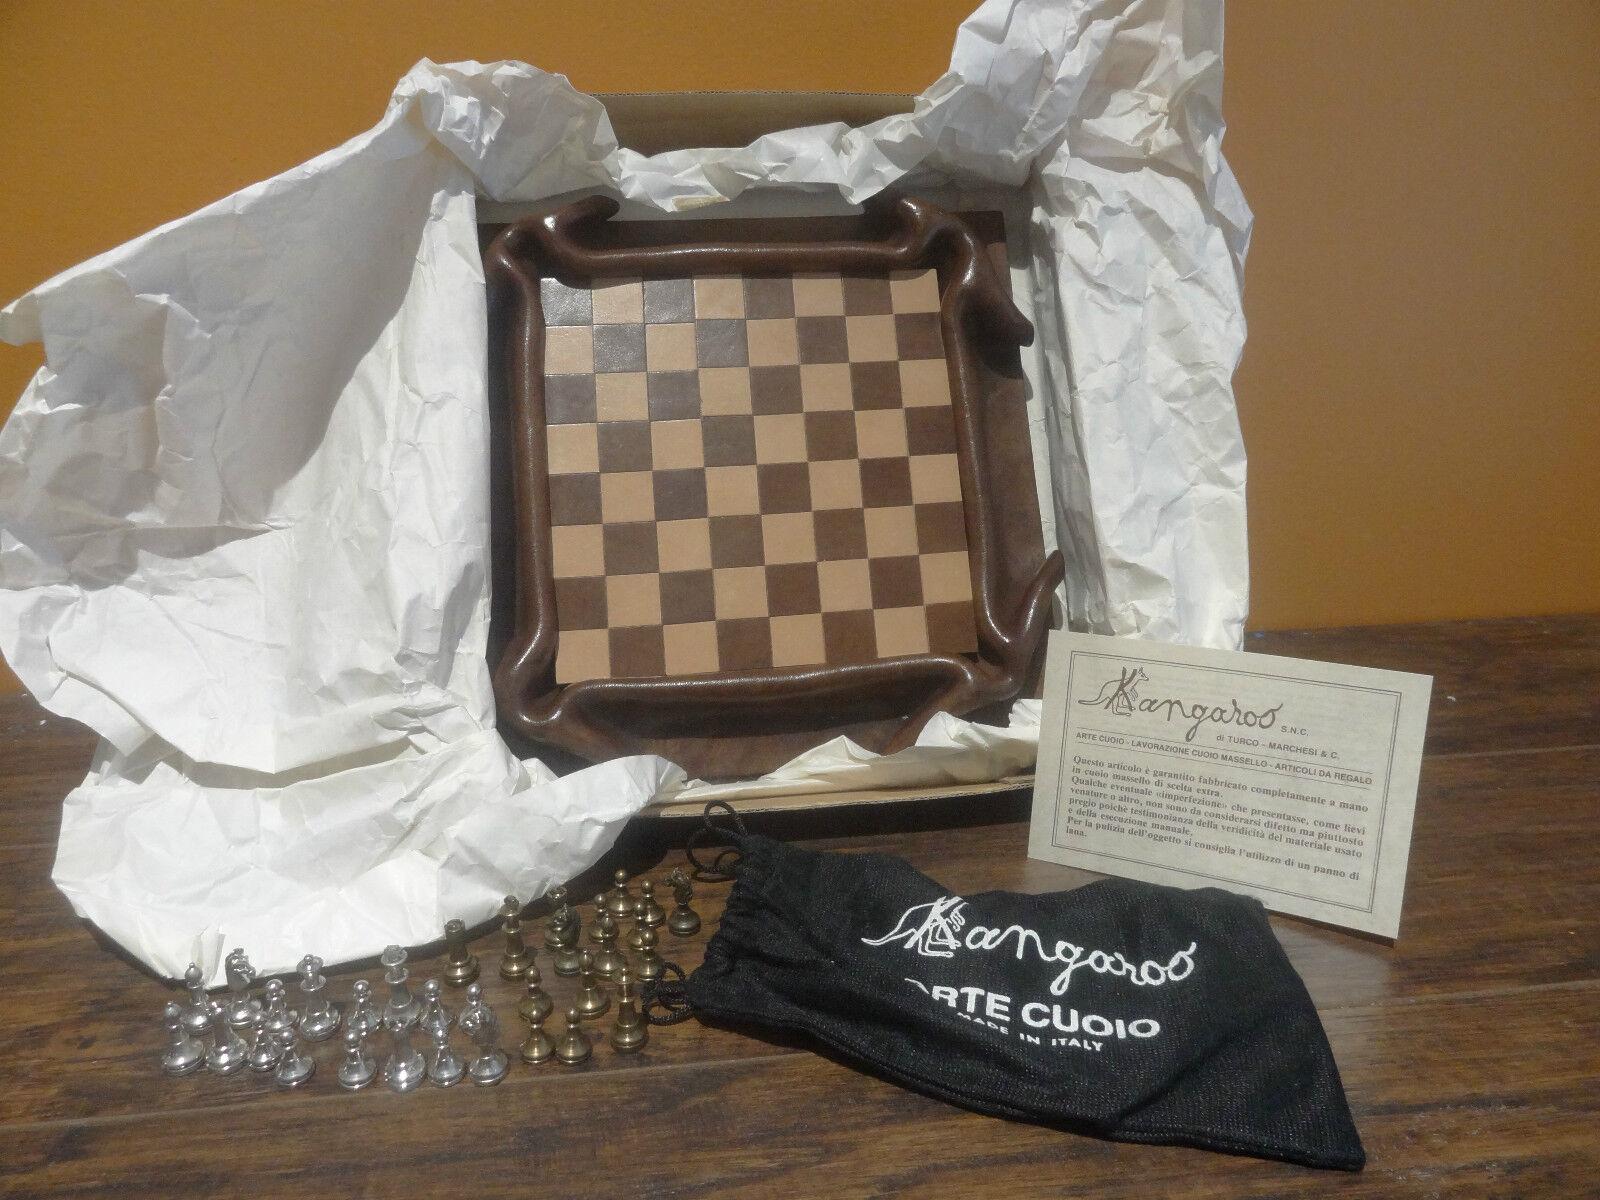 Raro Hecho a mano en Italia Cuero De Canguro Ajedrez Damas Moldeado arte conjunto de tablero de juego